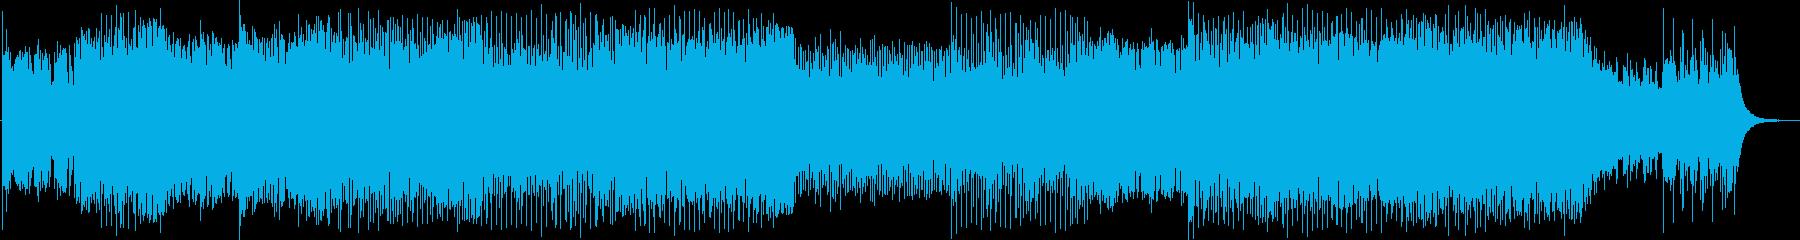 アニメ・ゲーム的なカッコいいロック・EDの再生済みの波形